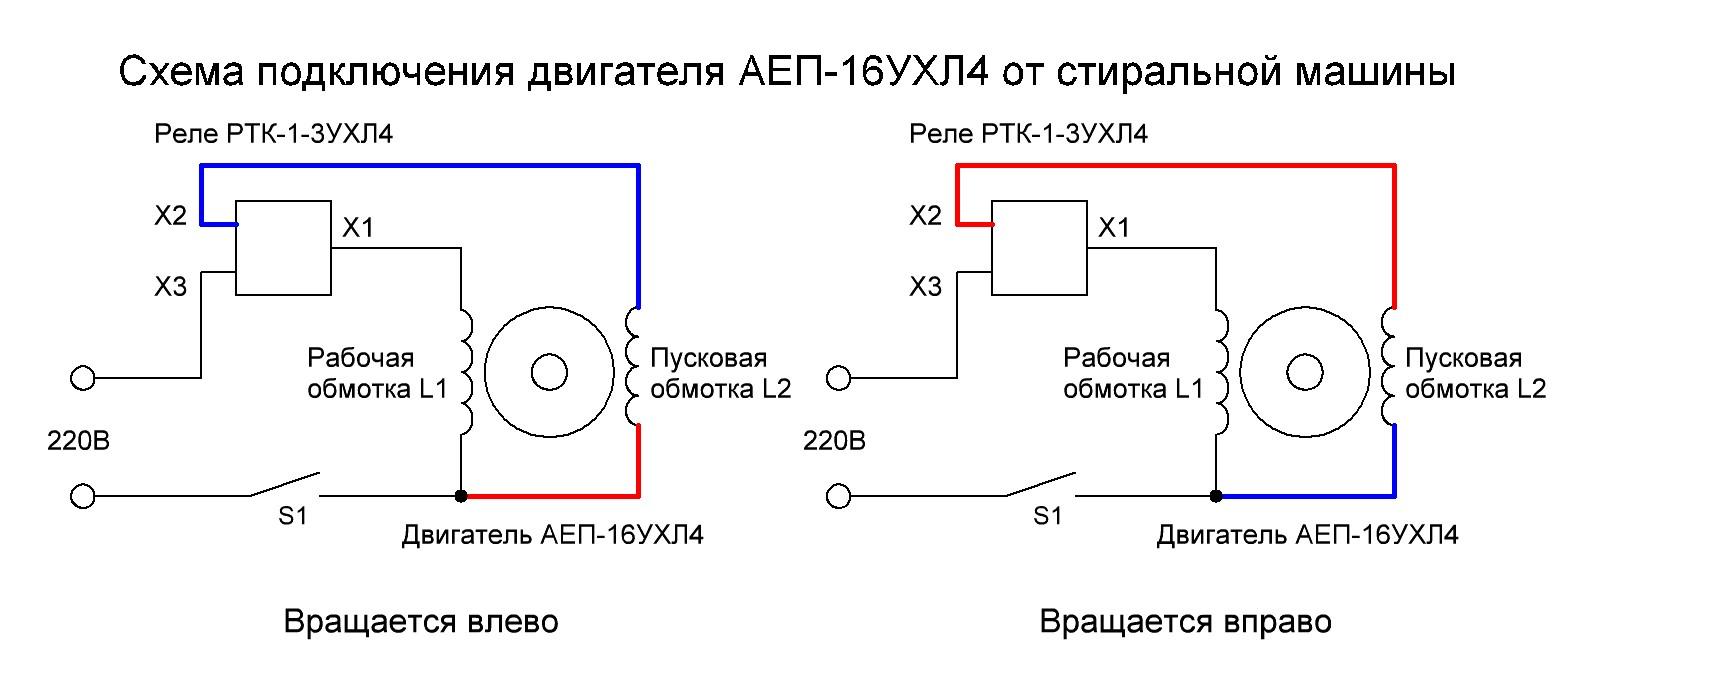 Схема подключения двигателя АЕП-16УХЛ4 от стиральной машины